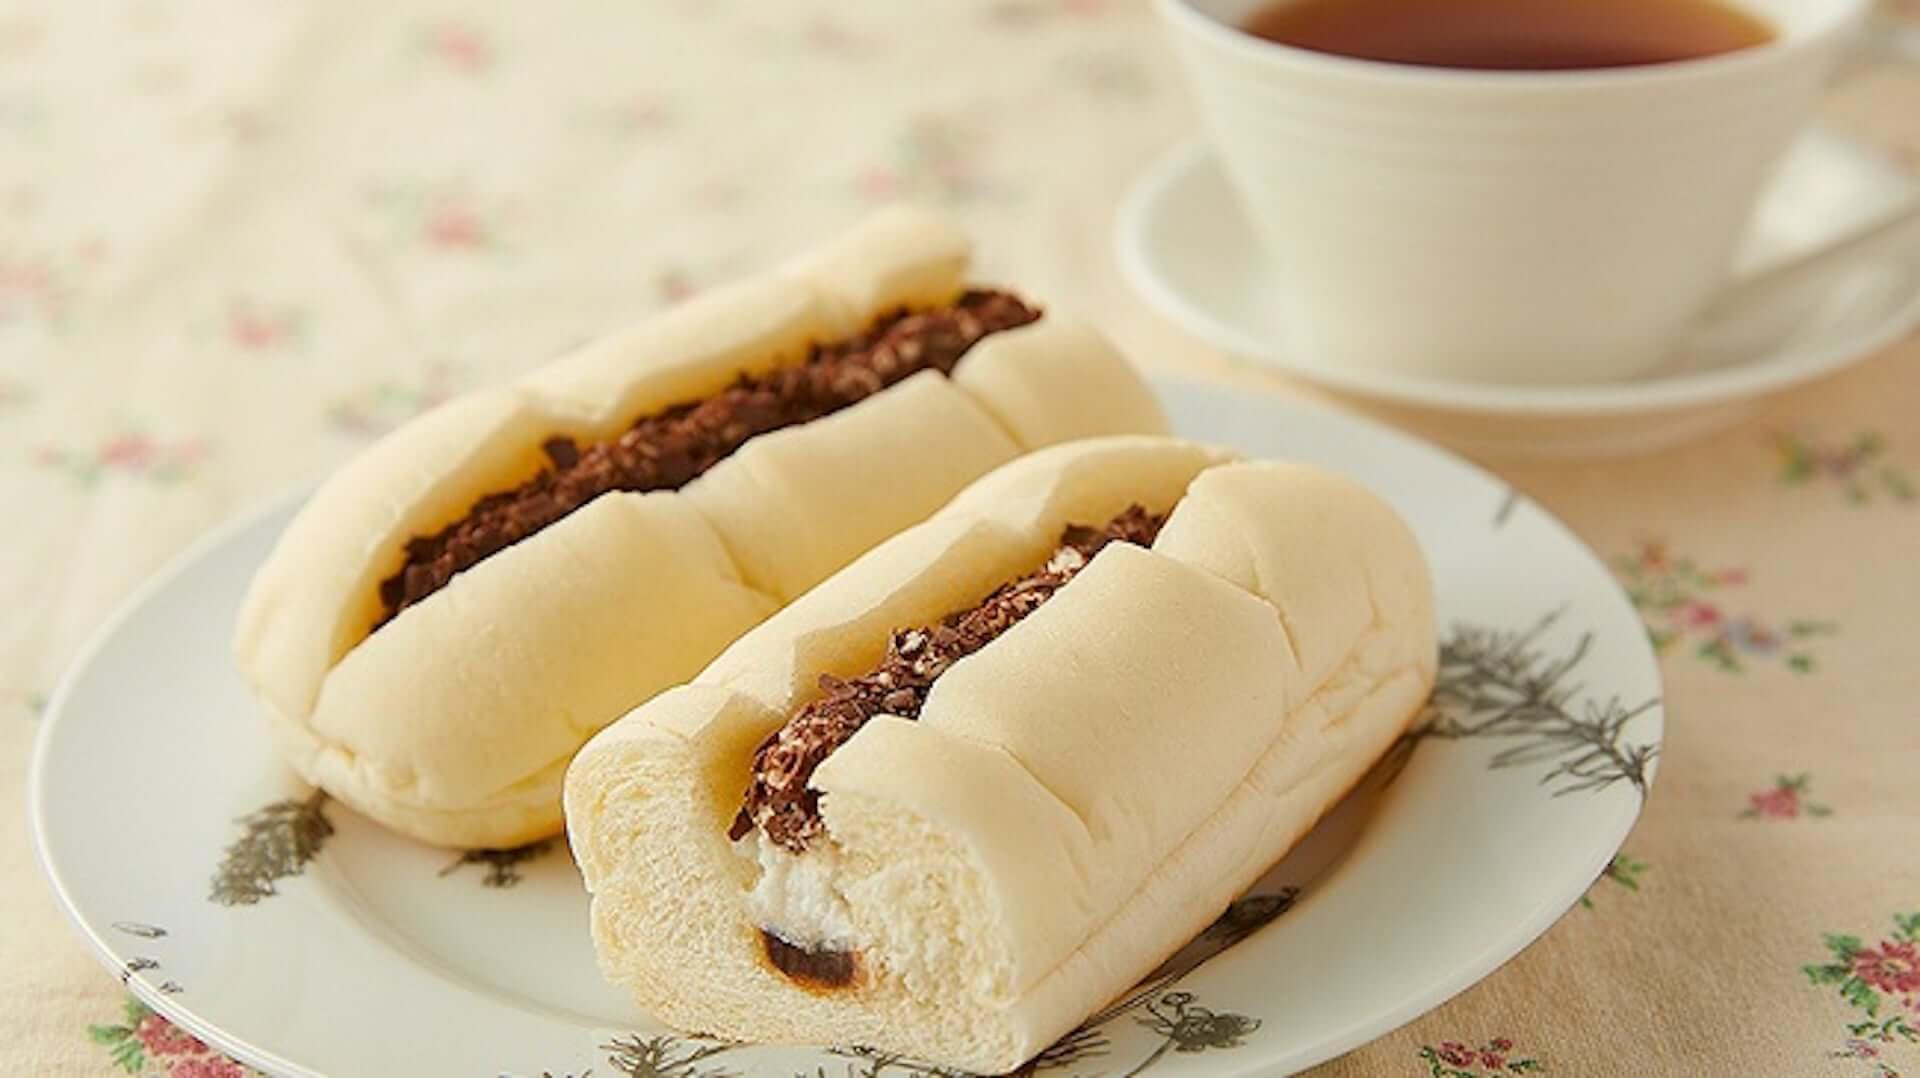 食欲の秋にぴったりなパンがローソンストア100に続々登場!新商品『食パンの耳揚げちゃいました』や『コロッケ山脈』などが10月より発売 gourmet201001_lawsonstore100_9-1920x1078